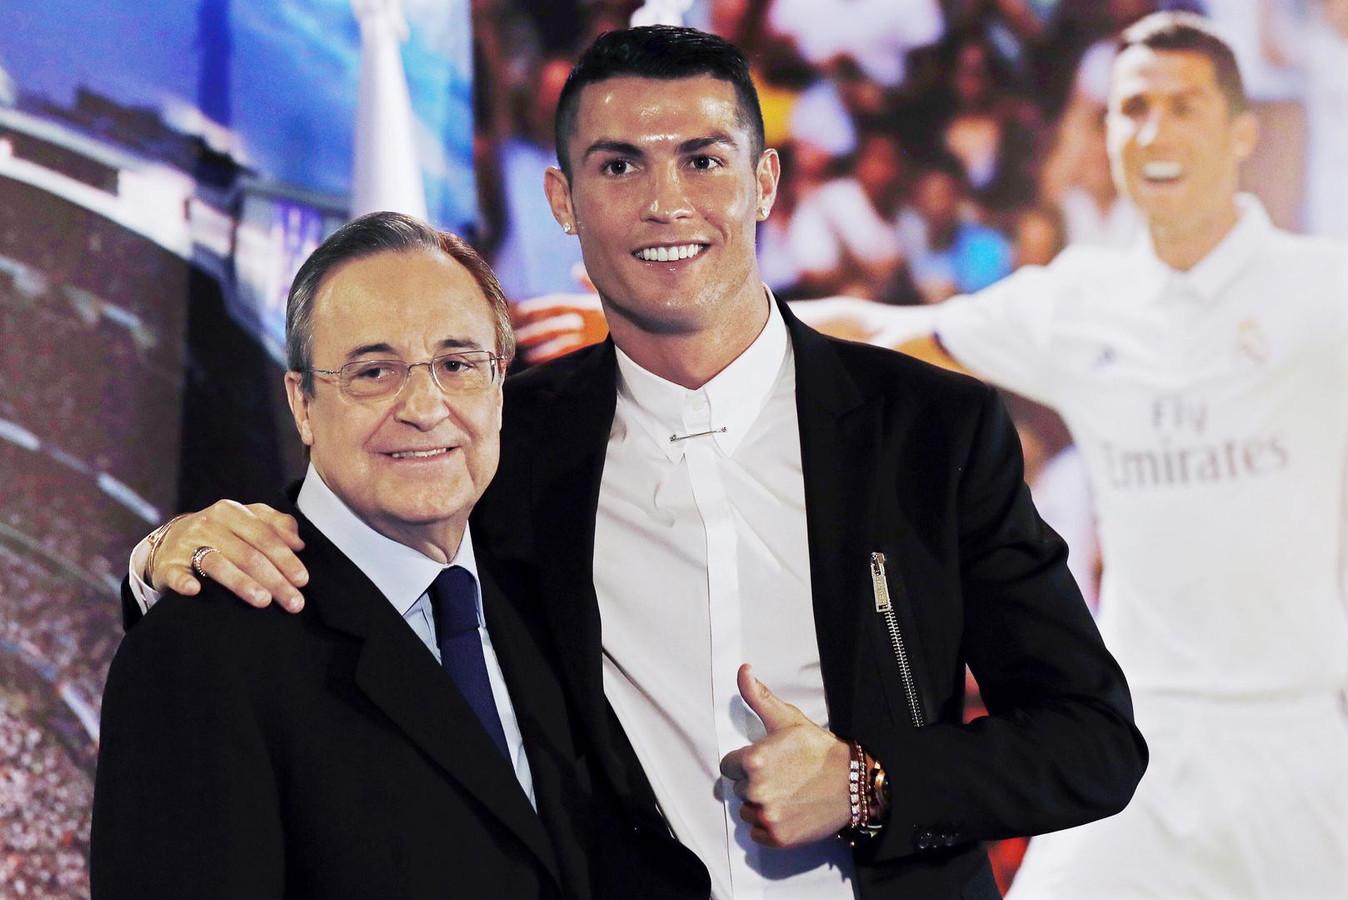 Le président du Real, Florentino Perez, aux côtés de Cristiano Ronaldo.